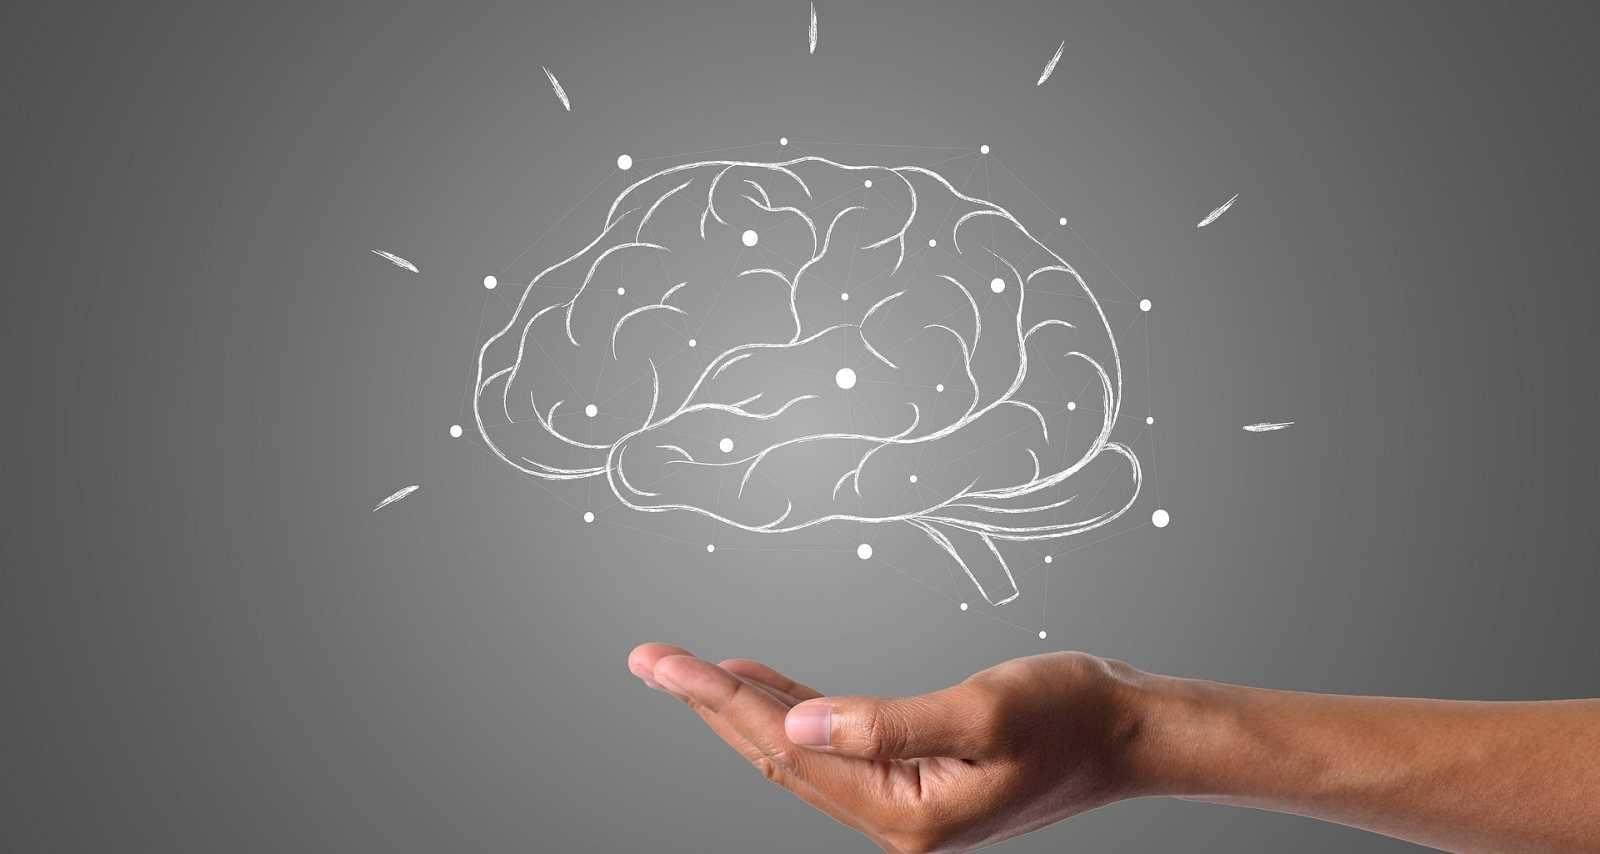 A su salud - Cómo mantener el cerebro sano - 12/03/21 - Escuchar ahora